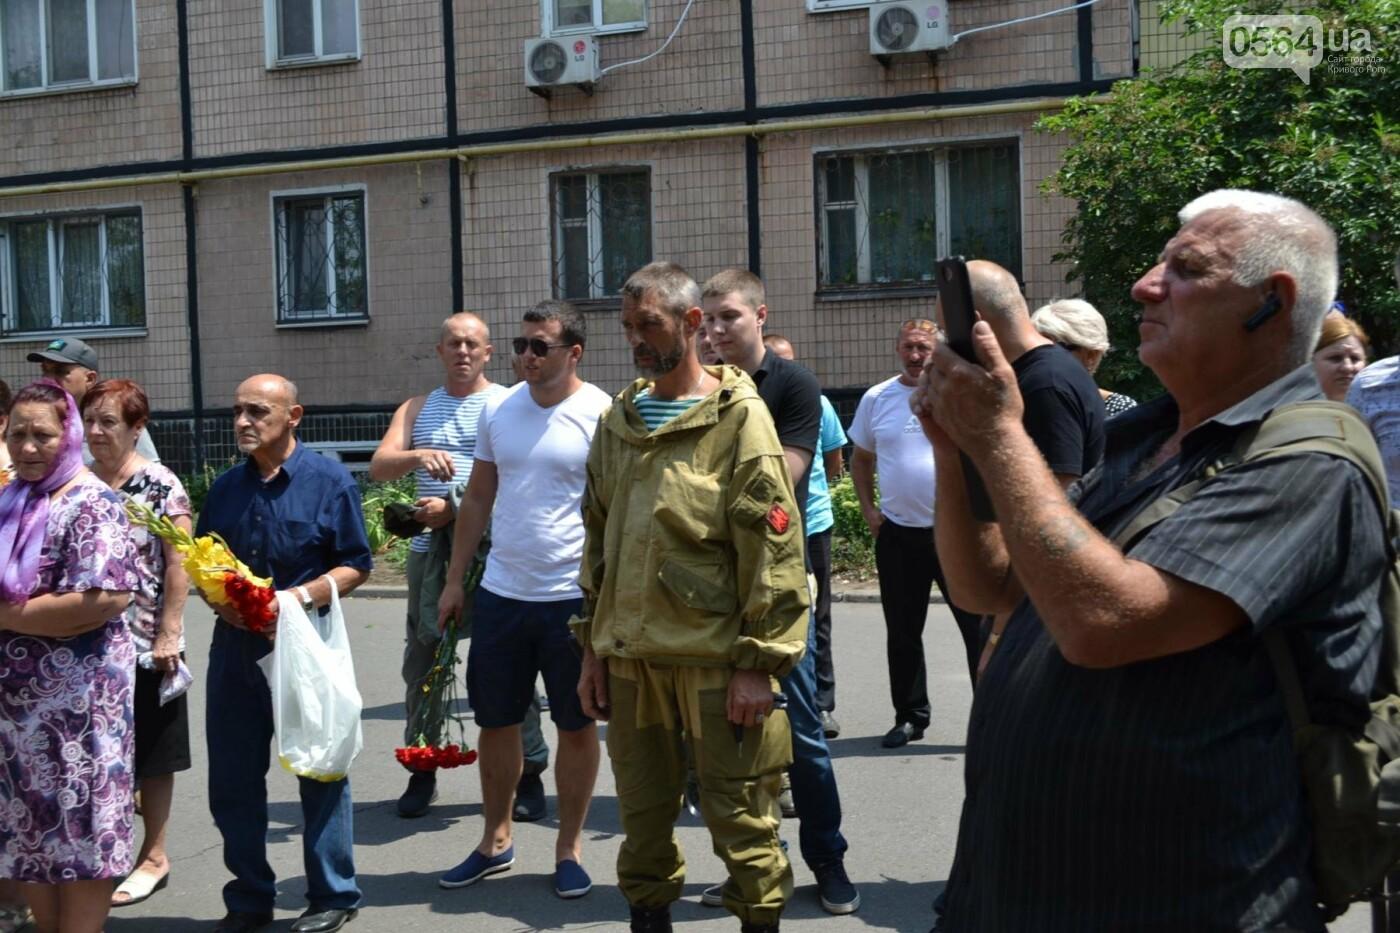 Криворожане простились с ветераном АТО Владимиром Близнюком, - ФОТО, фото-6